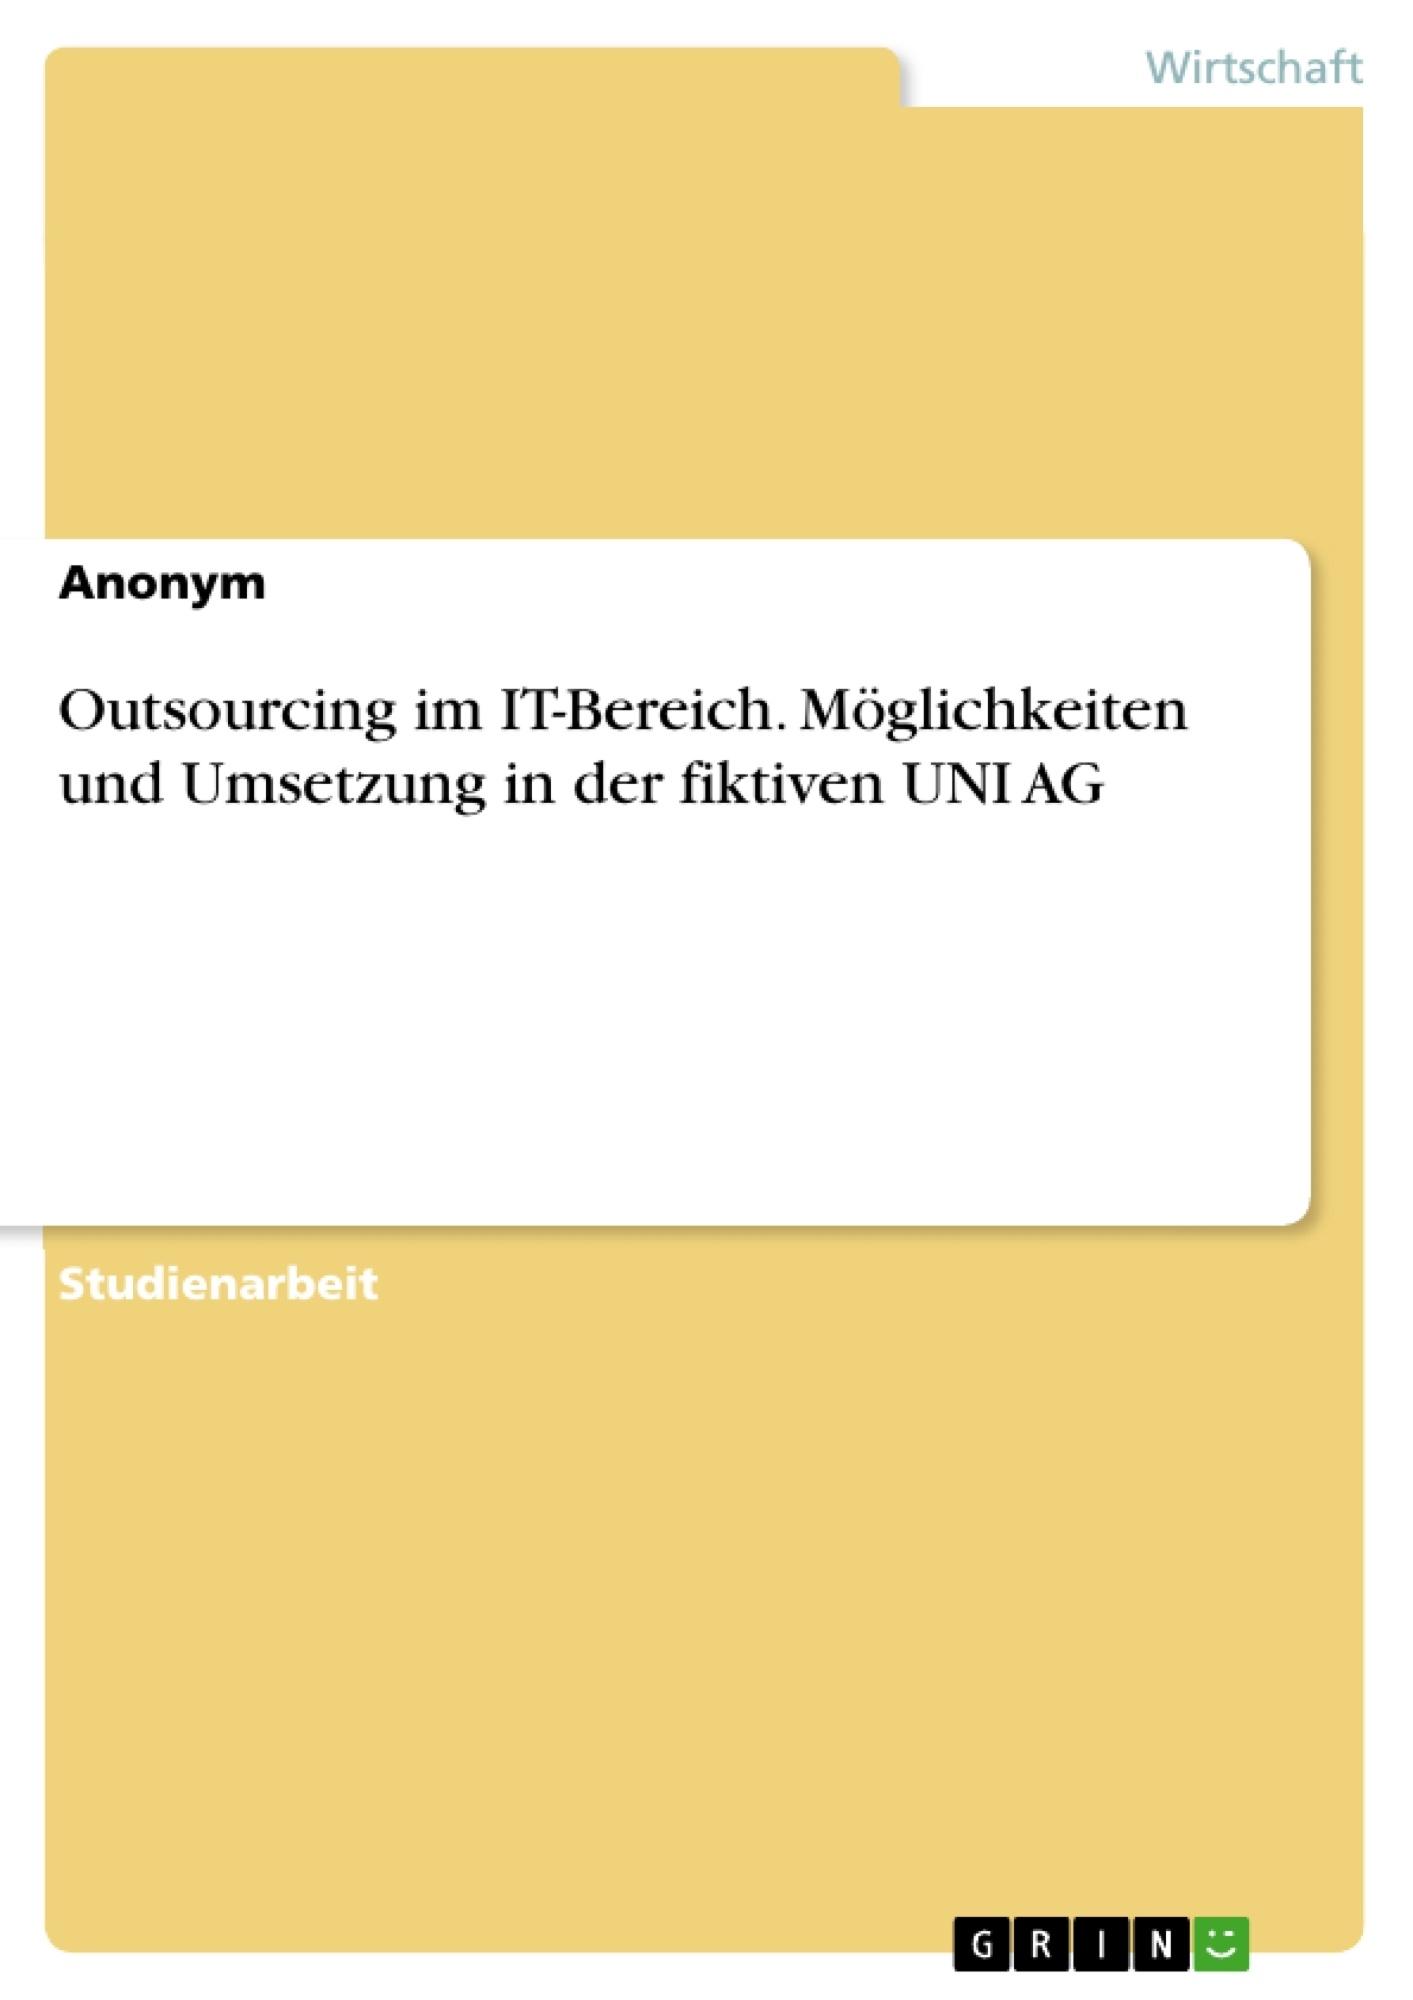 Titel: Outsourcing im IT-Bereich. Möglichkeiten und Umsetzung in der fiktiven UNI AG